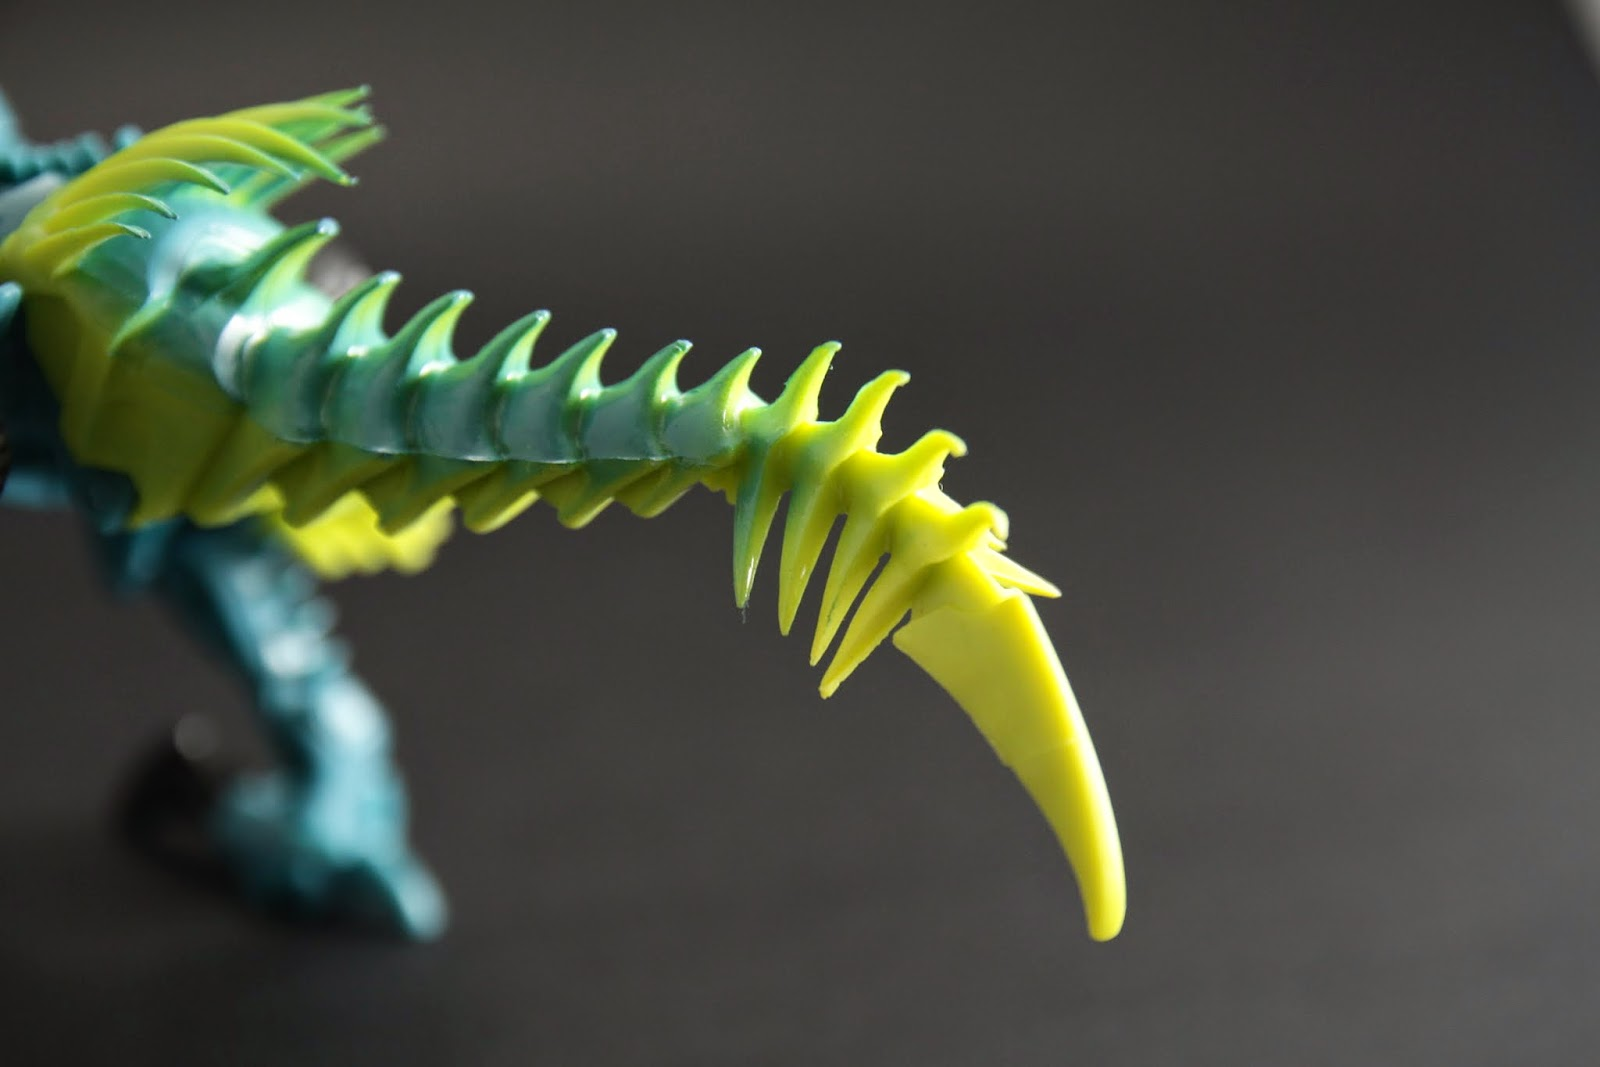 尾巴材質是軟膠 不能動但可以彎